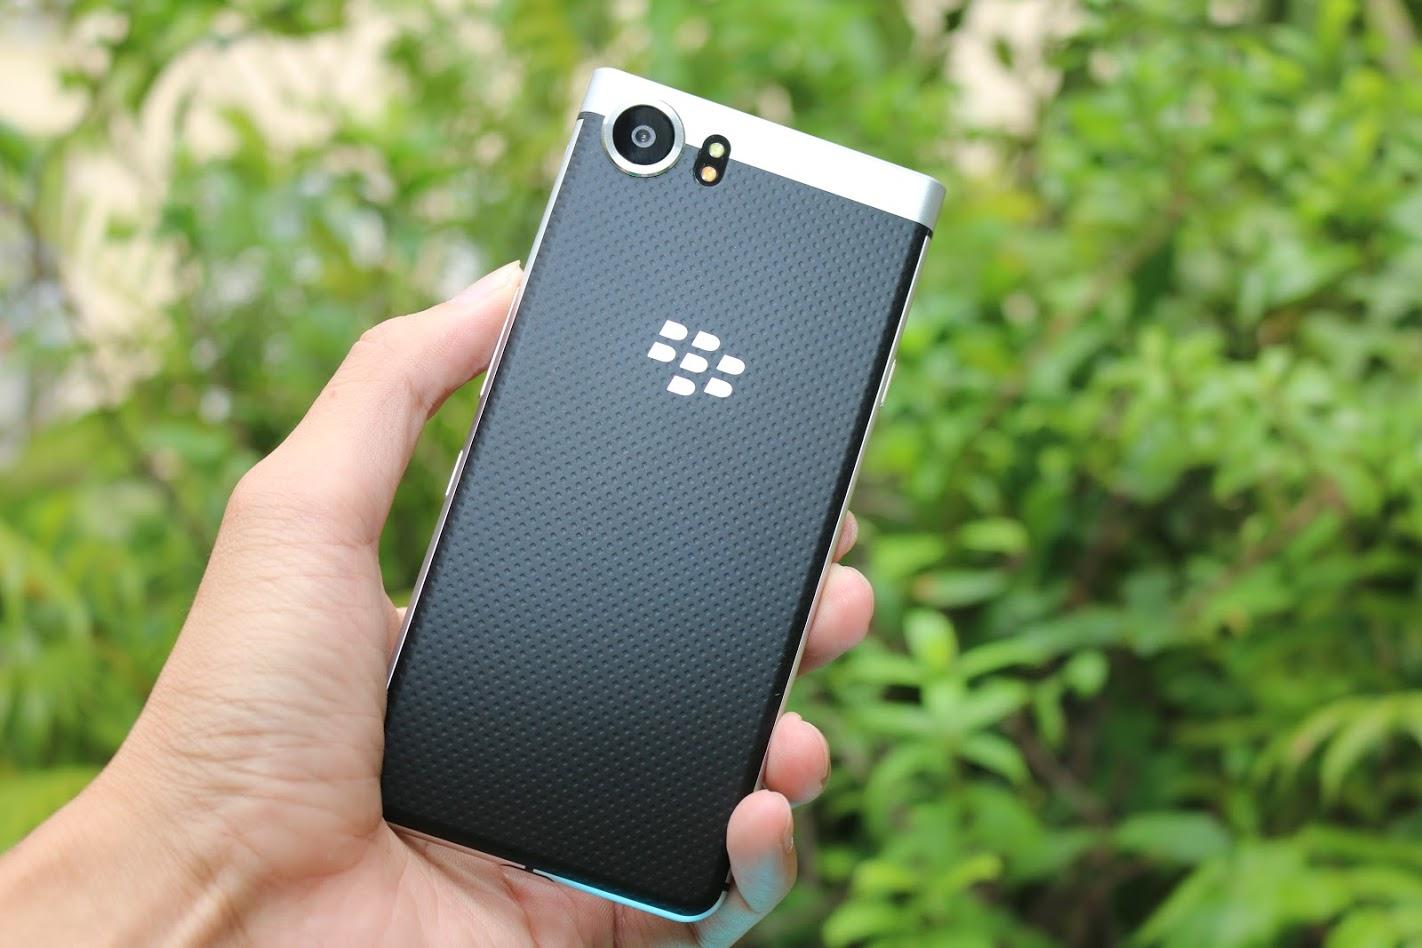 các phiên bản blackberry keyone: đa dạng từ màu sắc đến cấu hình và giá thành